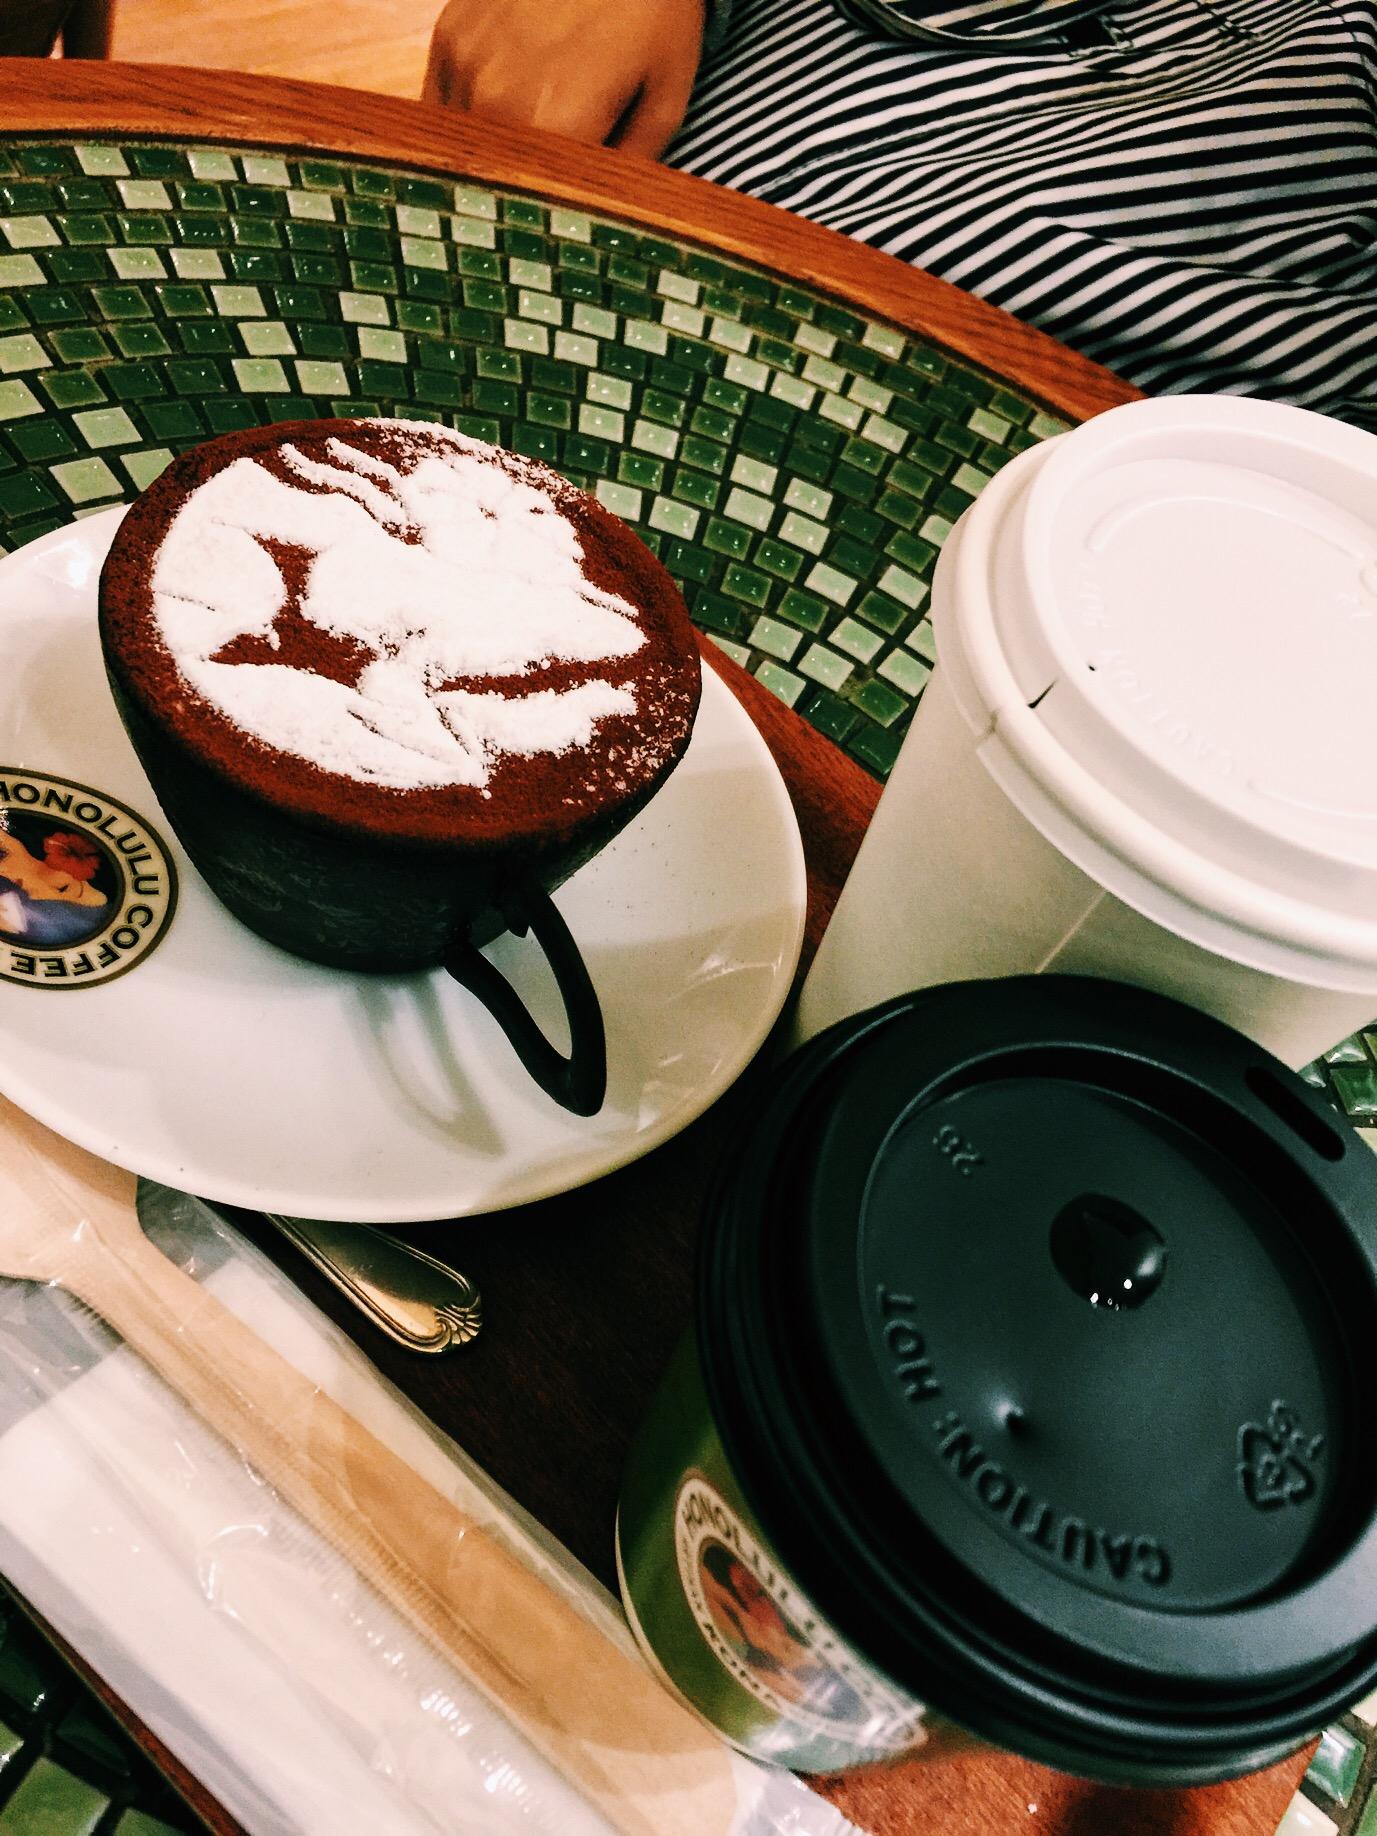 ホノルルコーヒーの、マカダミアナッツフレーバーコーヒーと、コーヒーカップティラミス